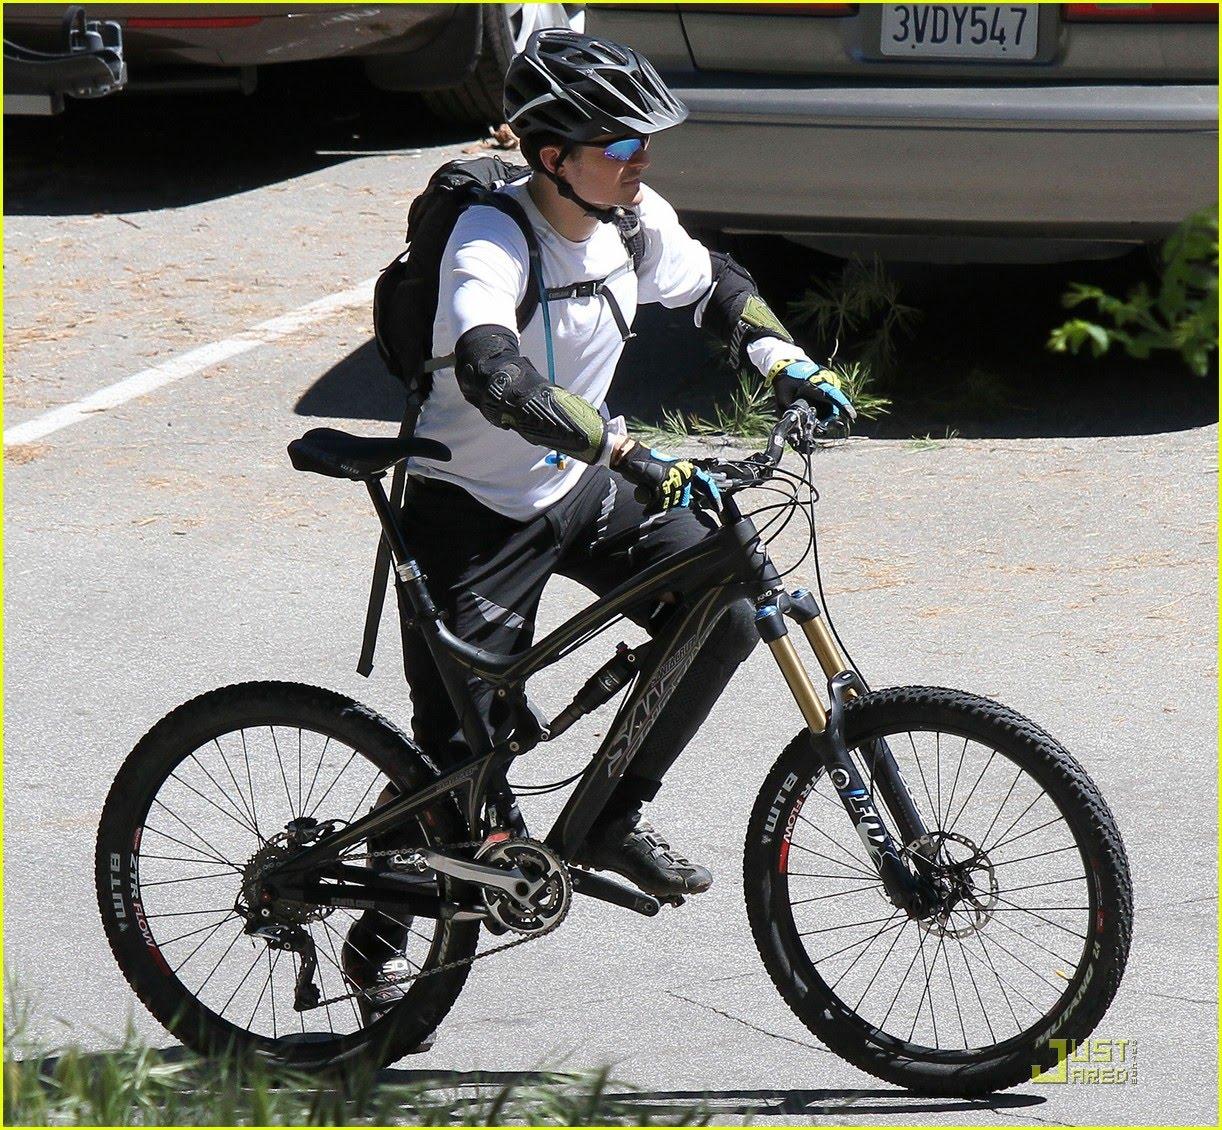 http://2.bp.blogspot.com/-Mz2fe-tMbSw/TZahpYkU27I/AAAAAAAAfH4/3EUWFvGIYcY/s1600/Orlando+Bloom+Bikes+with+a+friend2.jpg